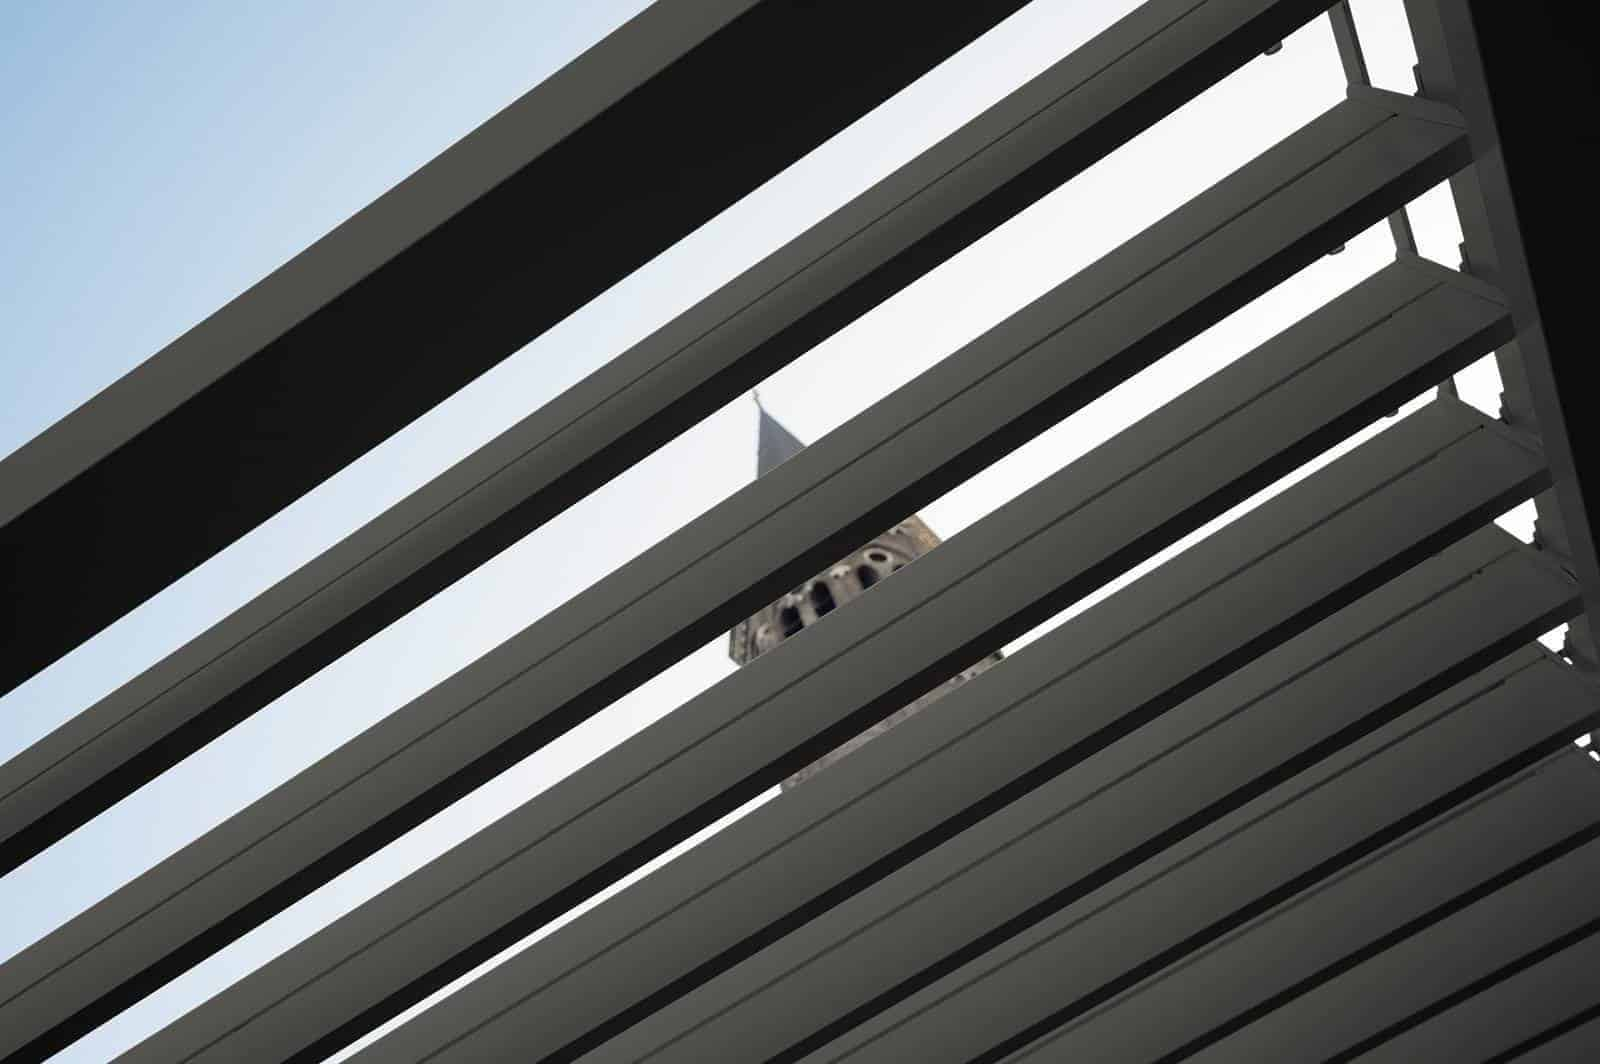 Zadaszenie tarasowe PERARA 360x360cm antracyt